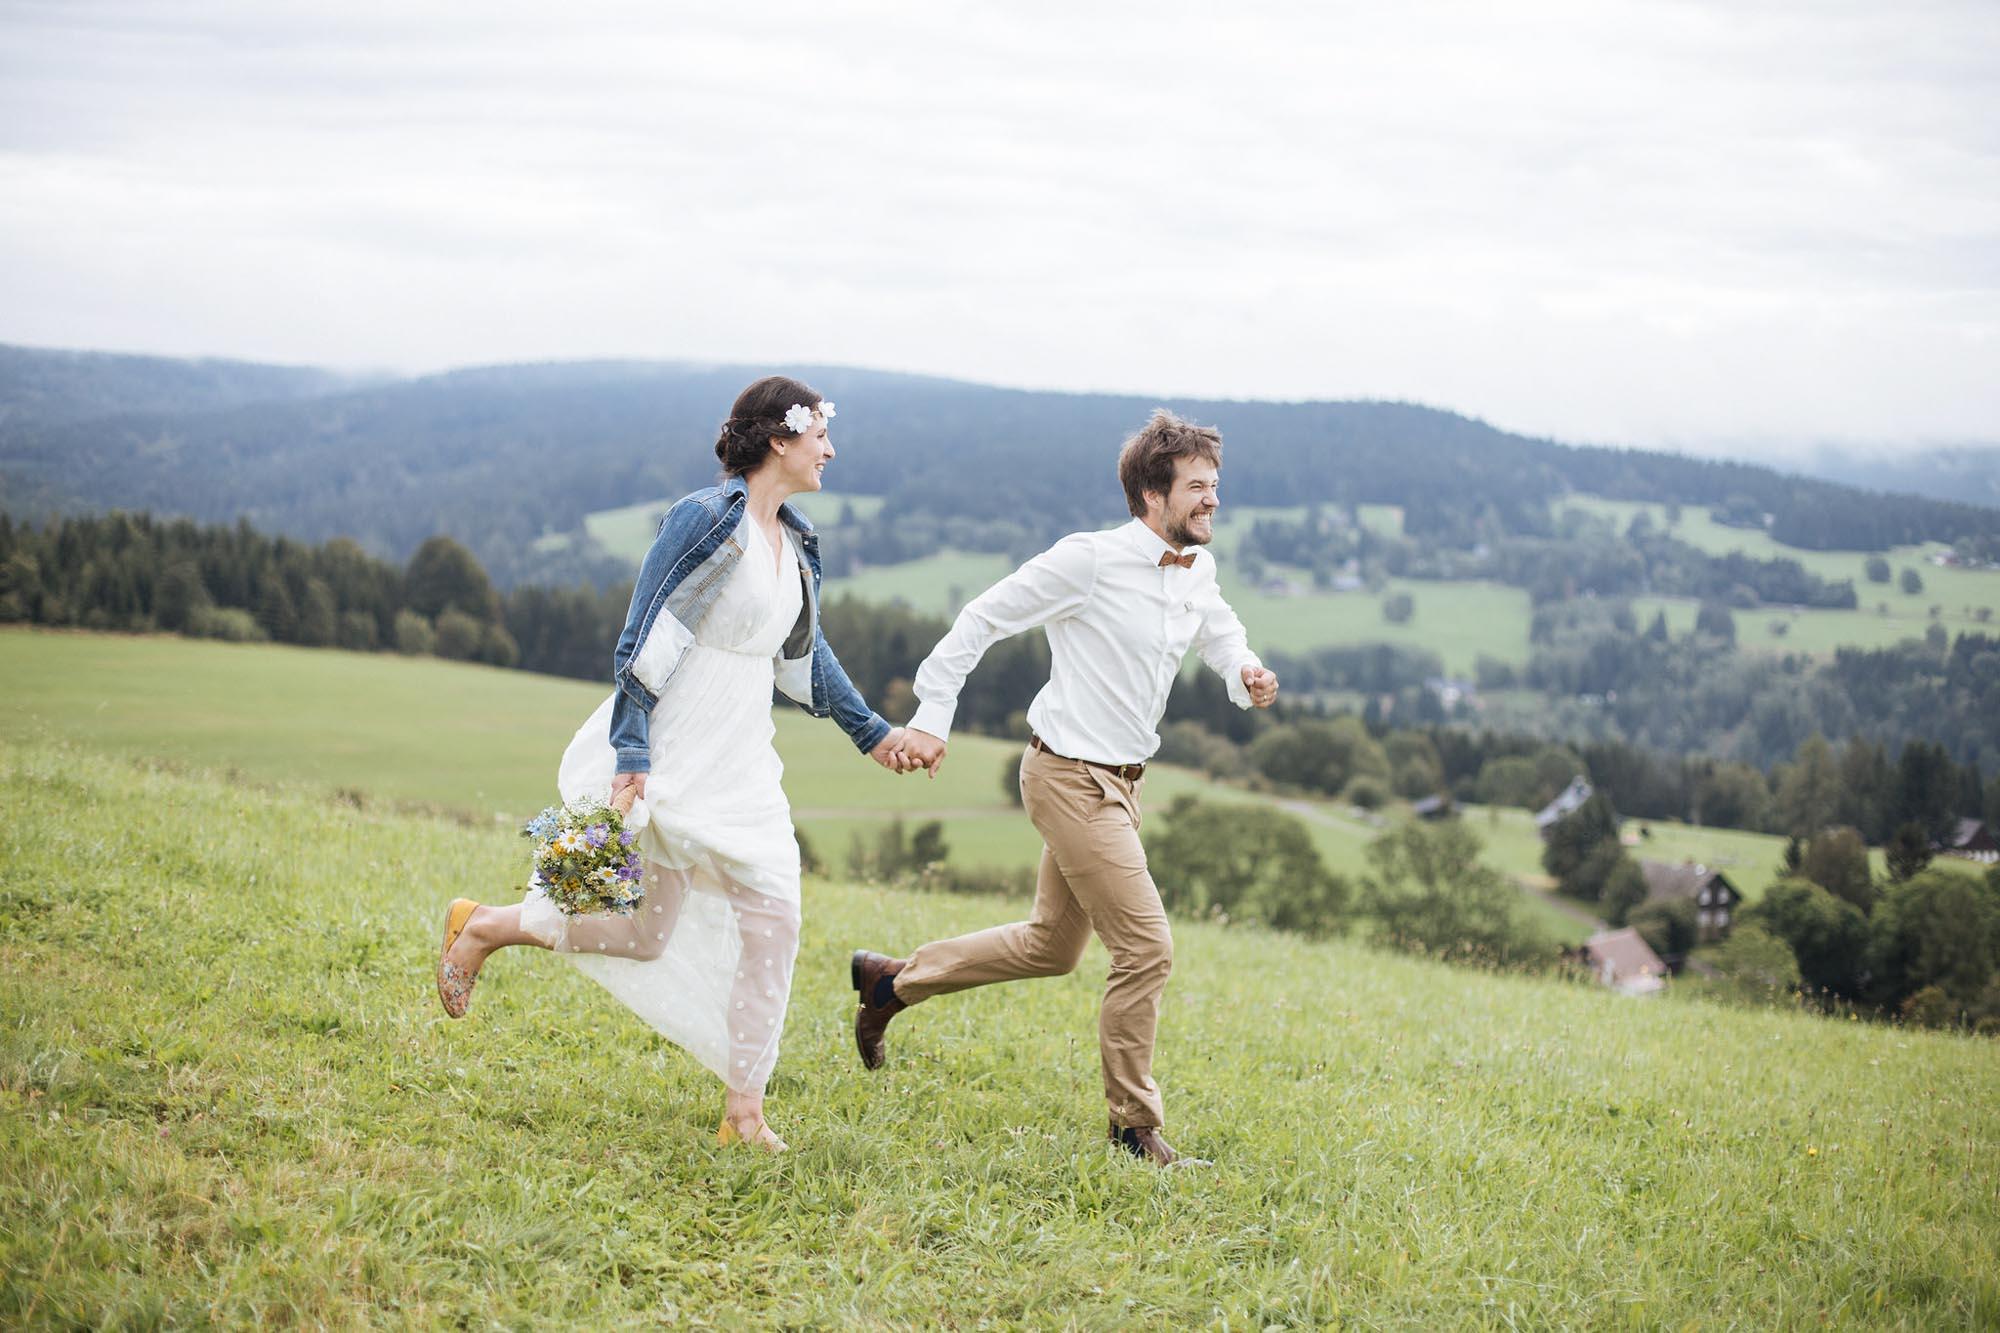 Svatba na horách - Orlické hory - svatební fotografka Anna Červinková - Ceranna Photography